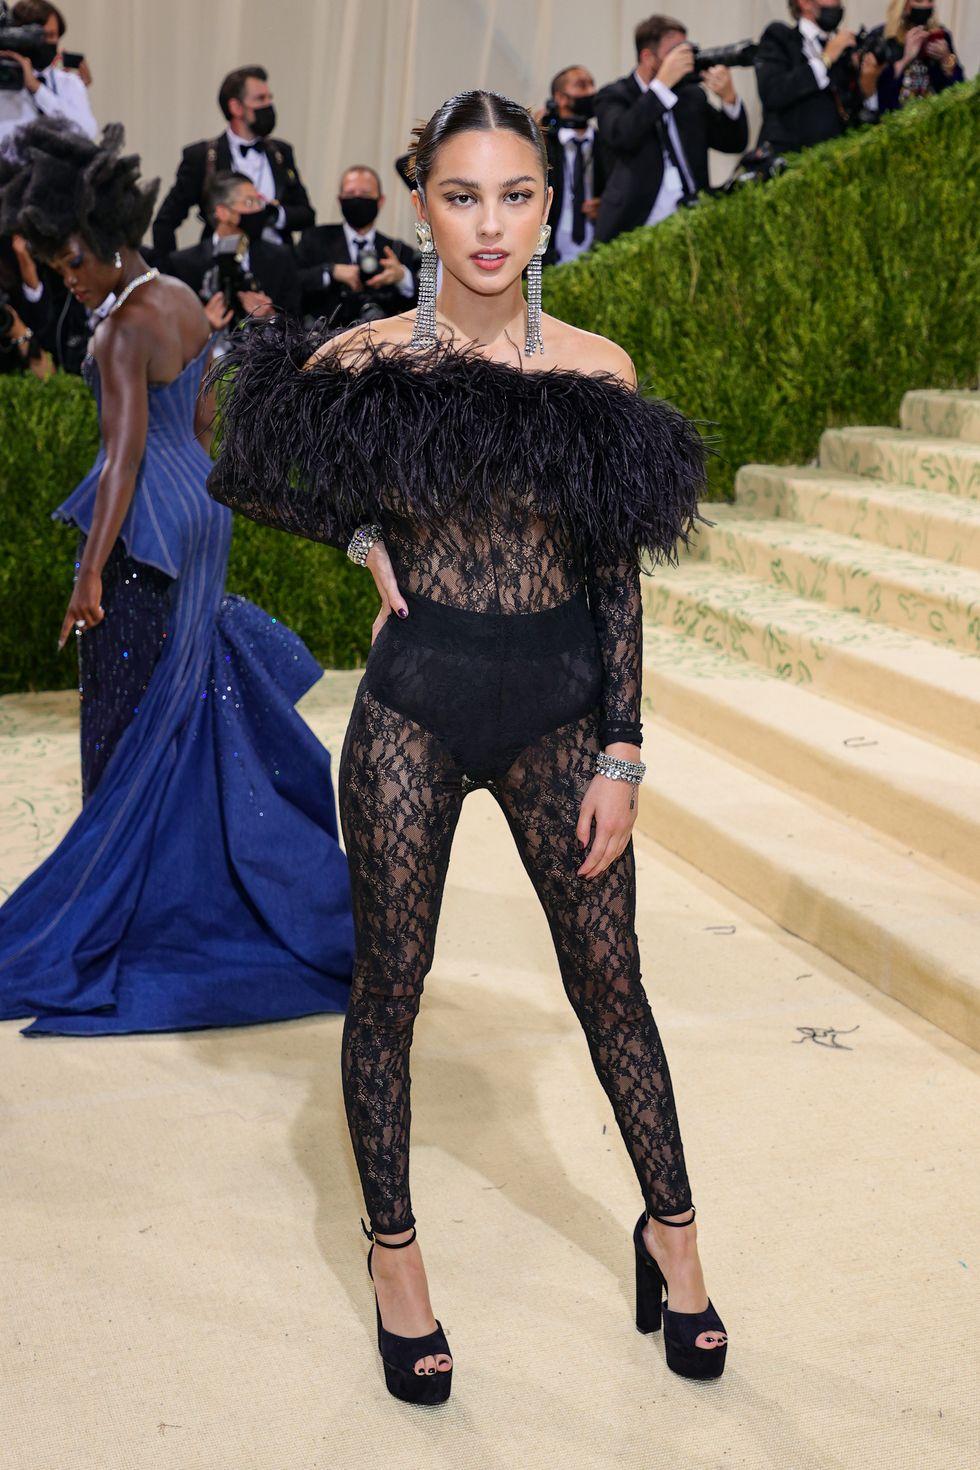 Olivia Rodrigo - người vừa đại thắng 3 giải tại MTV VMAs hôm qua chọn bộ đồ ren xuyên thấu Saint Laurent